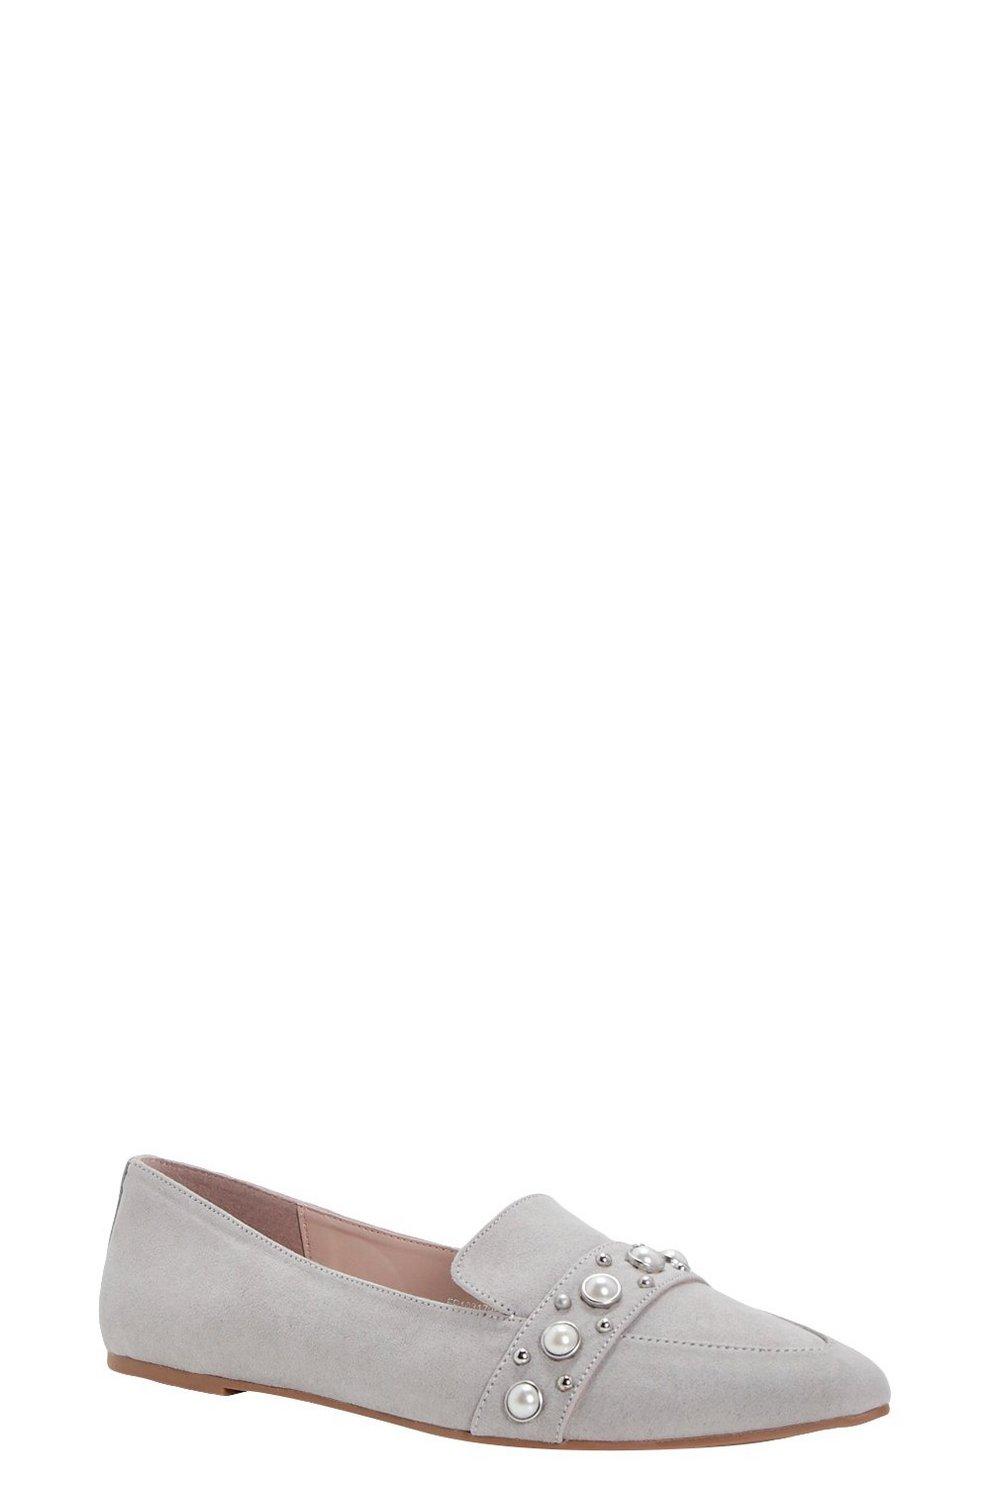 Pearl Detail Slipper Ballet Eastbay Barato Venta Sitio Oficial Comprar Barato Barato Venta Extremadamente Un Aclaramiento Bajo Precio De Envío De Pago eDDfj2XuWm